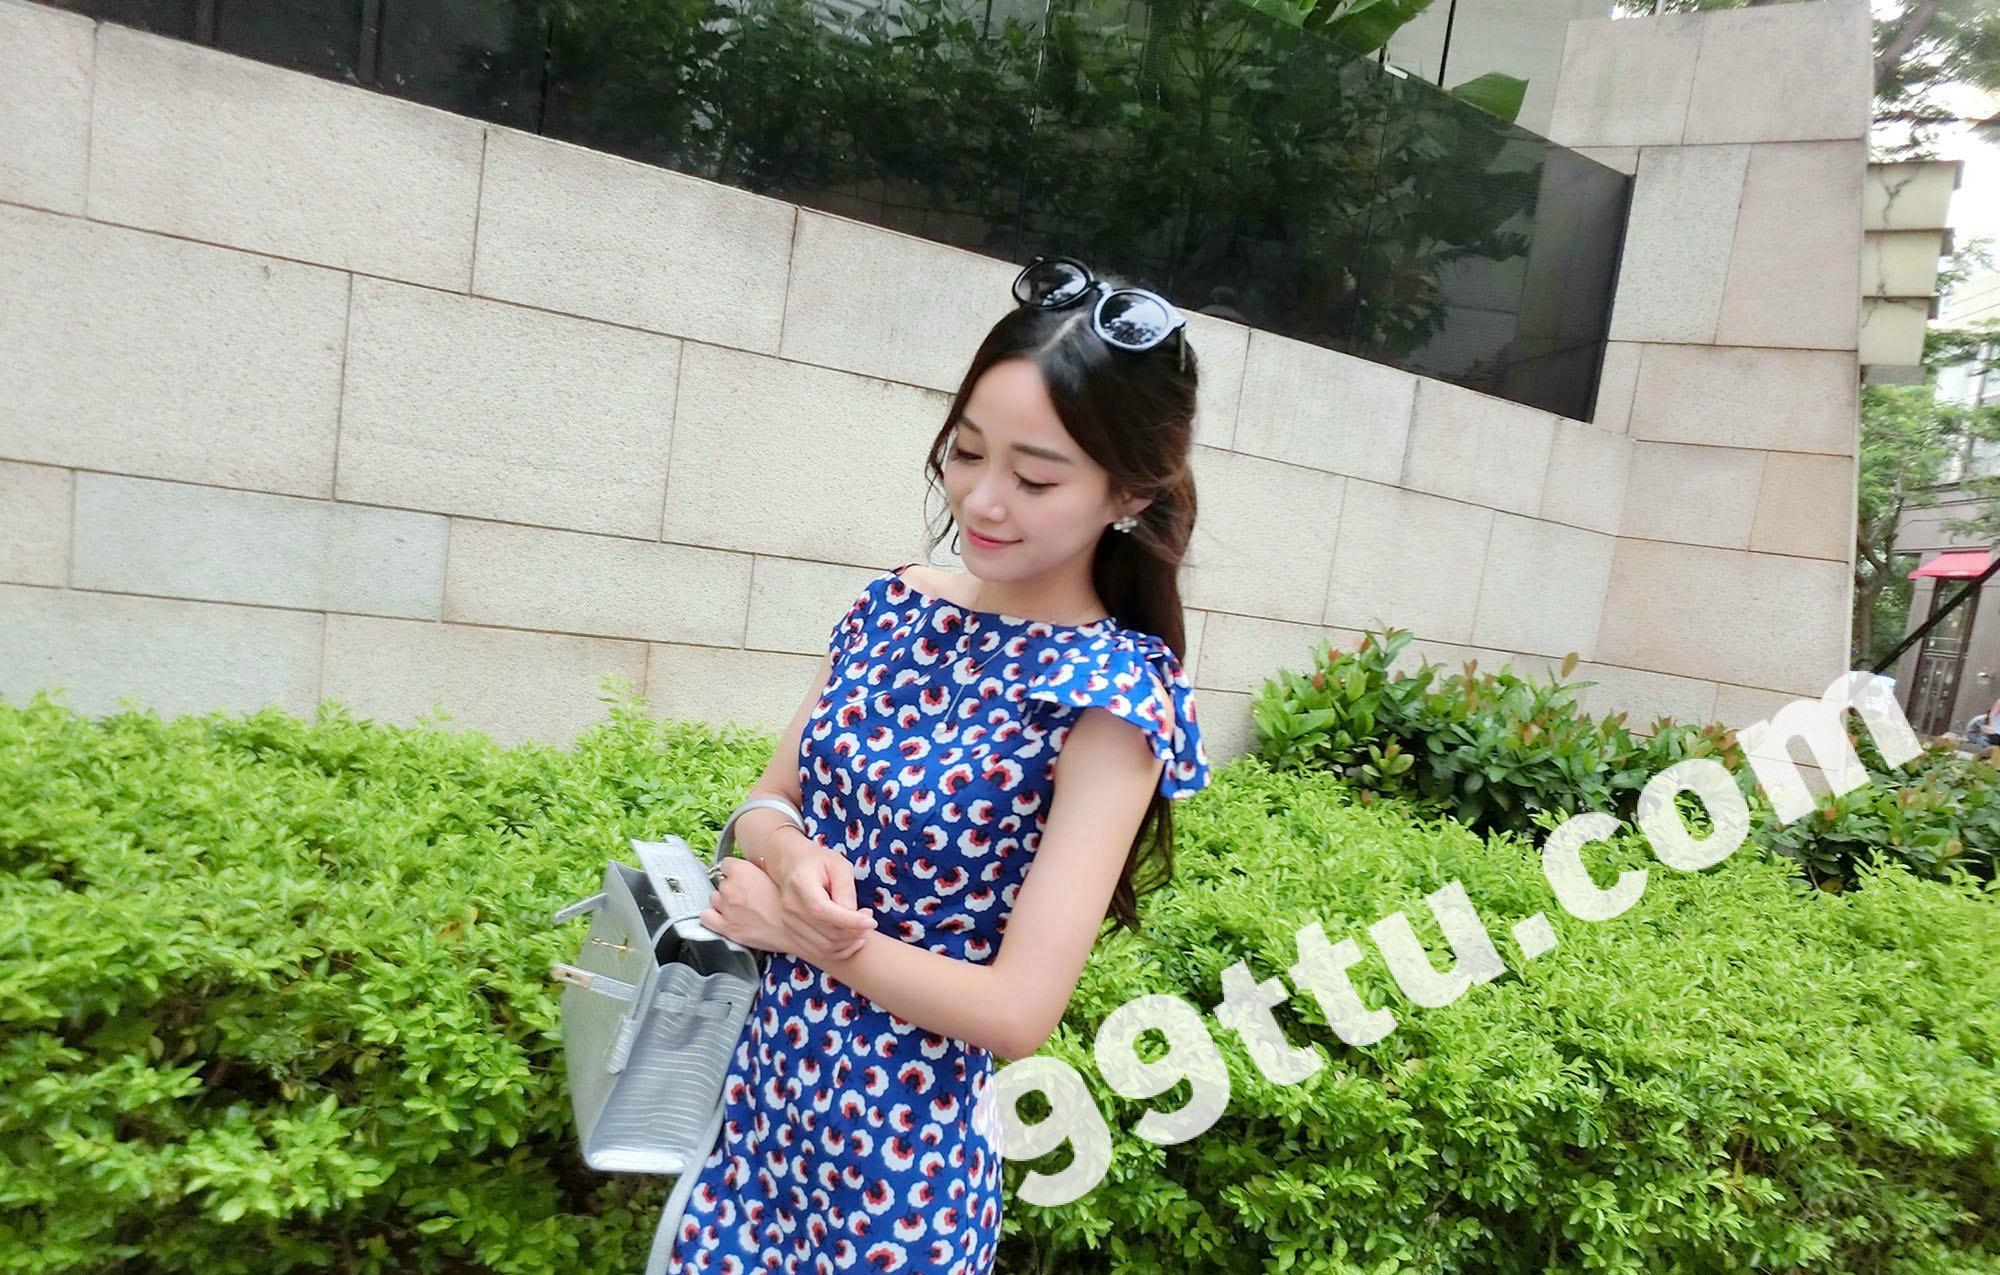 KK41 514张 气质时尚美女素颜生活照套图-15